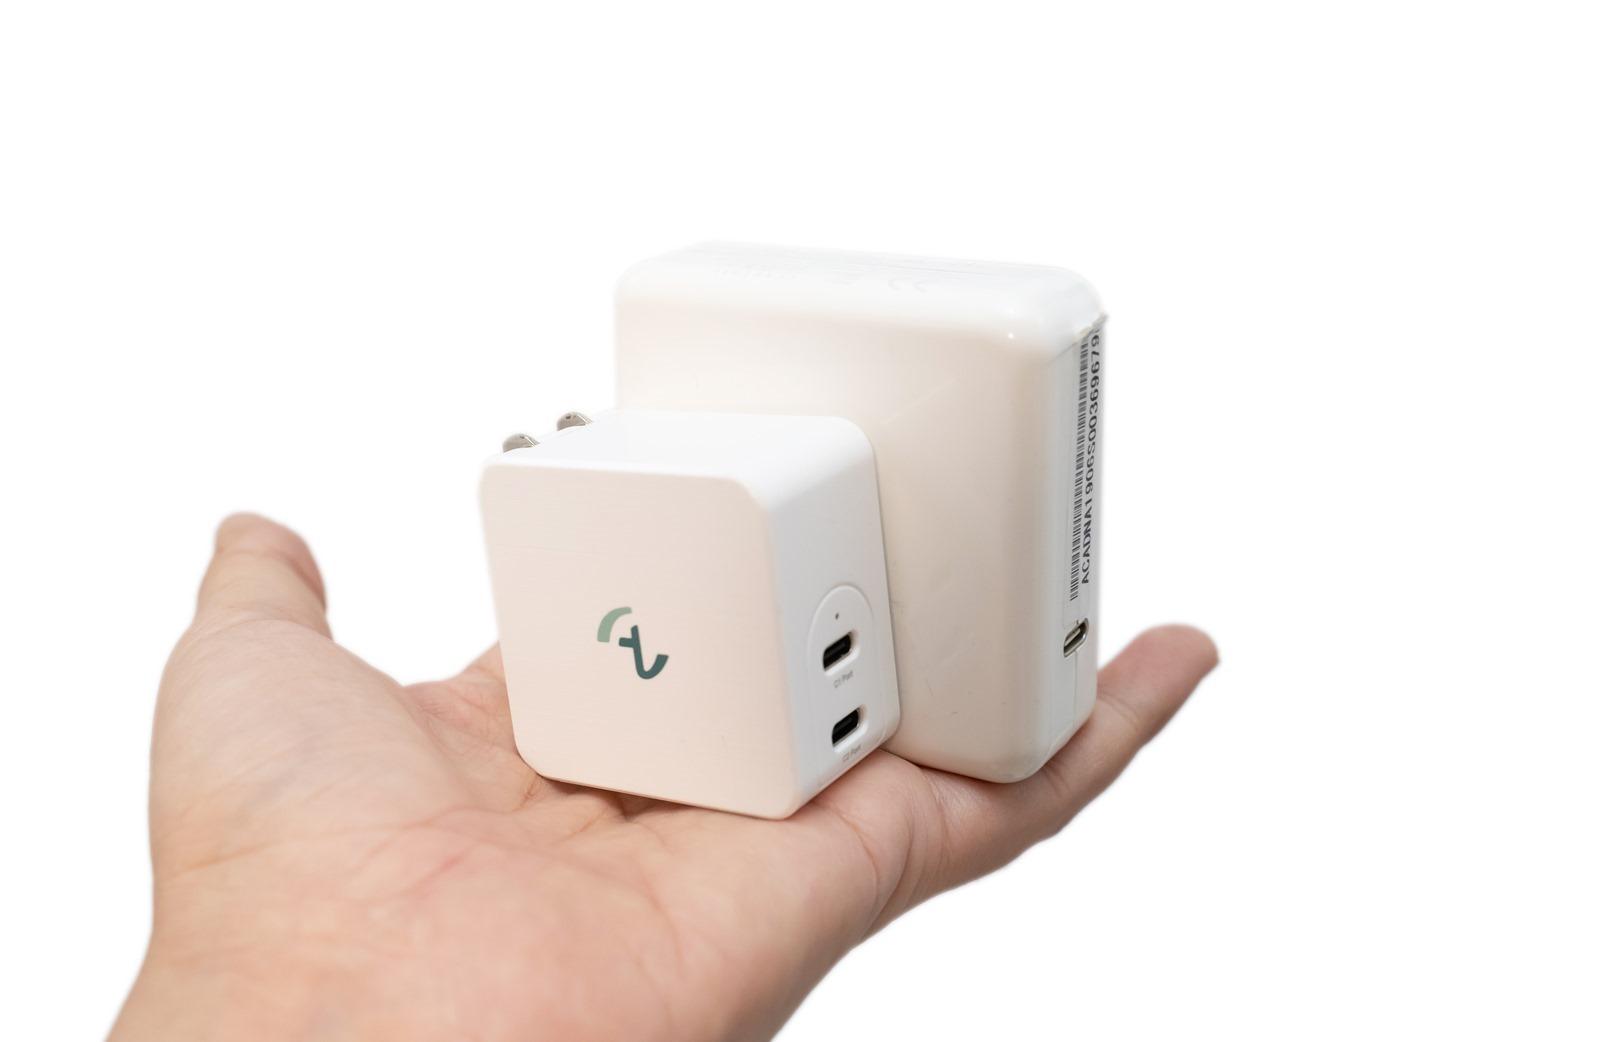 Allite 氮化鎵快充 – 世界最小氮化鎵 65W 雙 USB-C 快速充電器實測 @3C 達人廖阿輝